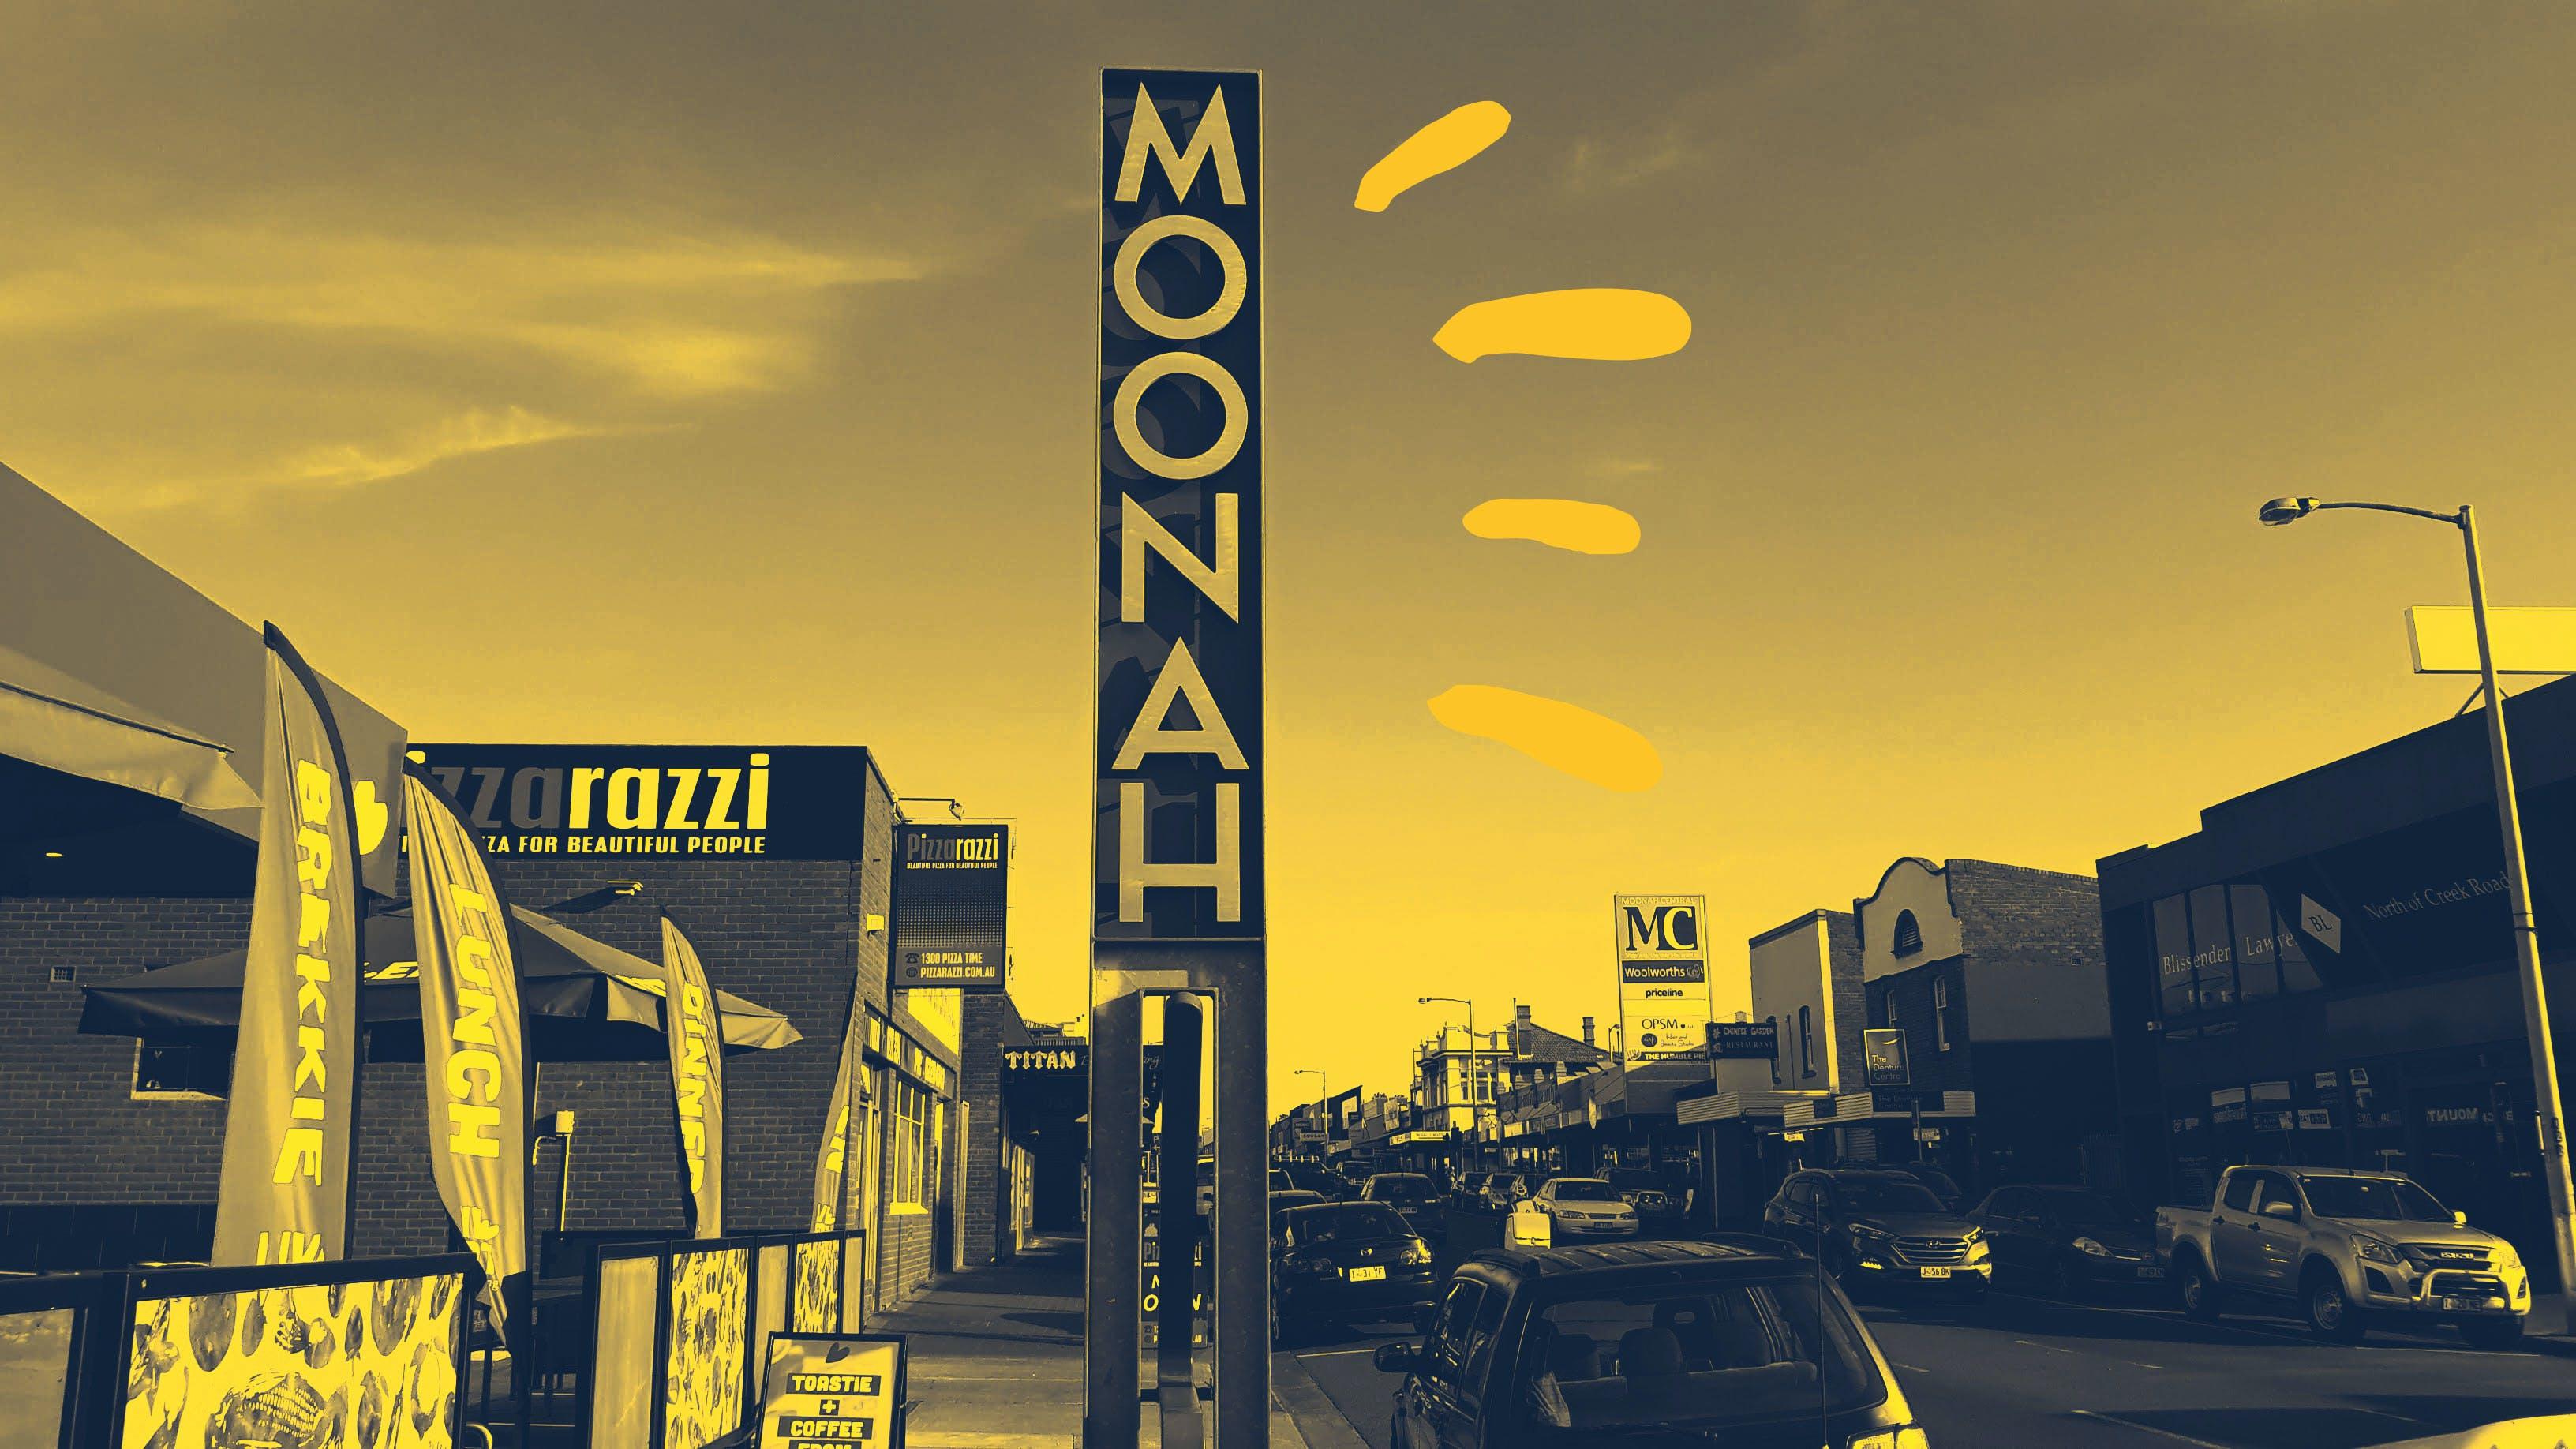 Moonah-1-arty.jpg